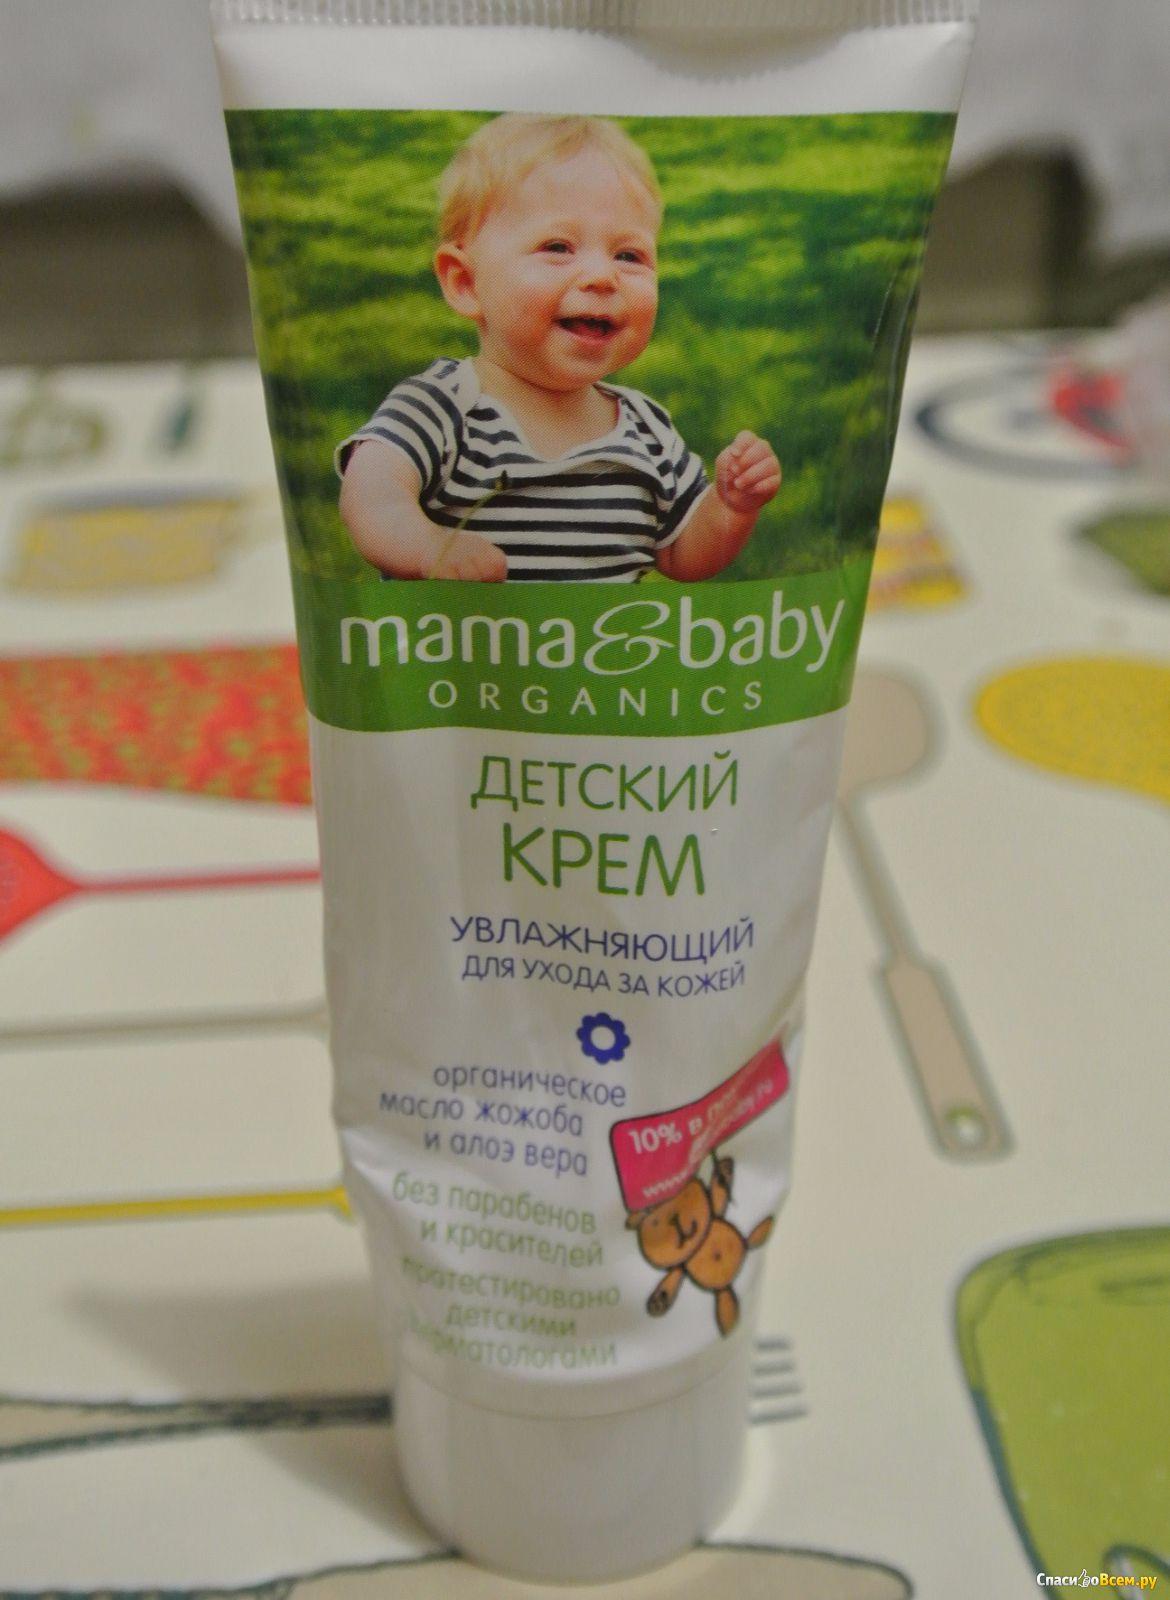 Сделать детский крем своими руками